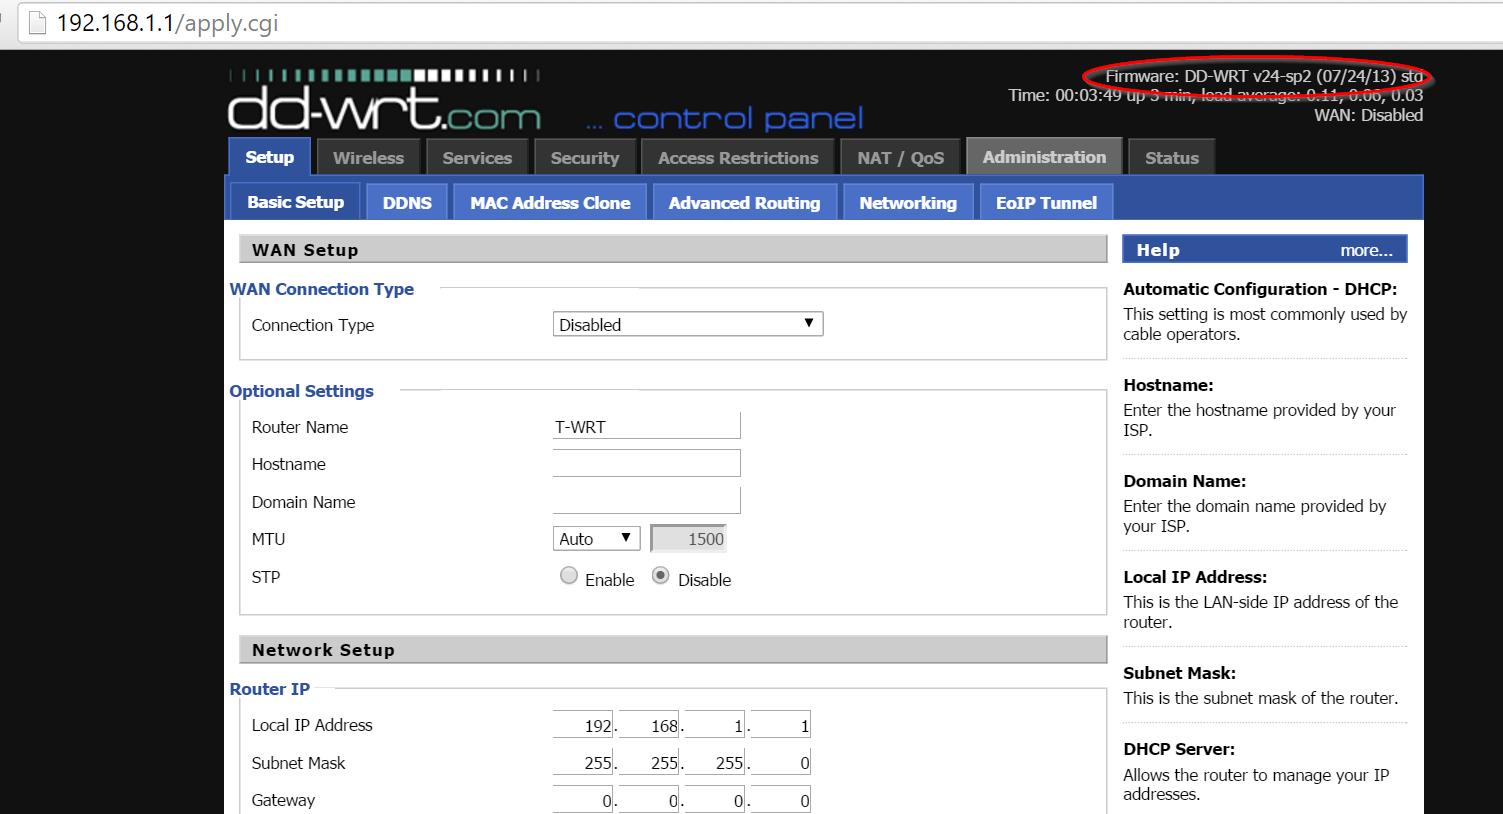 DD-WRT TP-LINK WA830RE Firmware